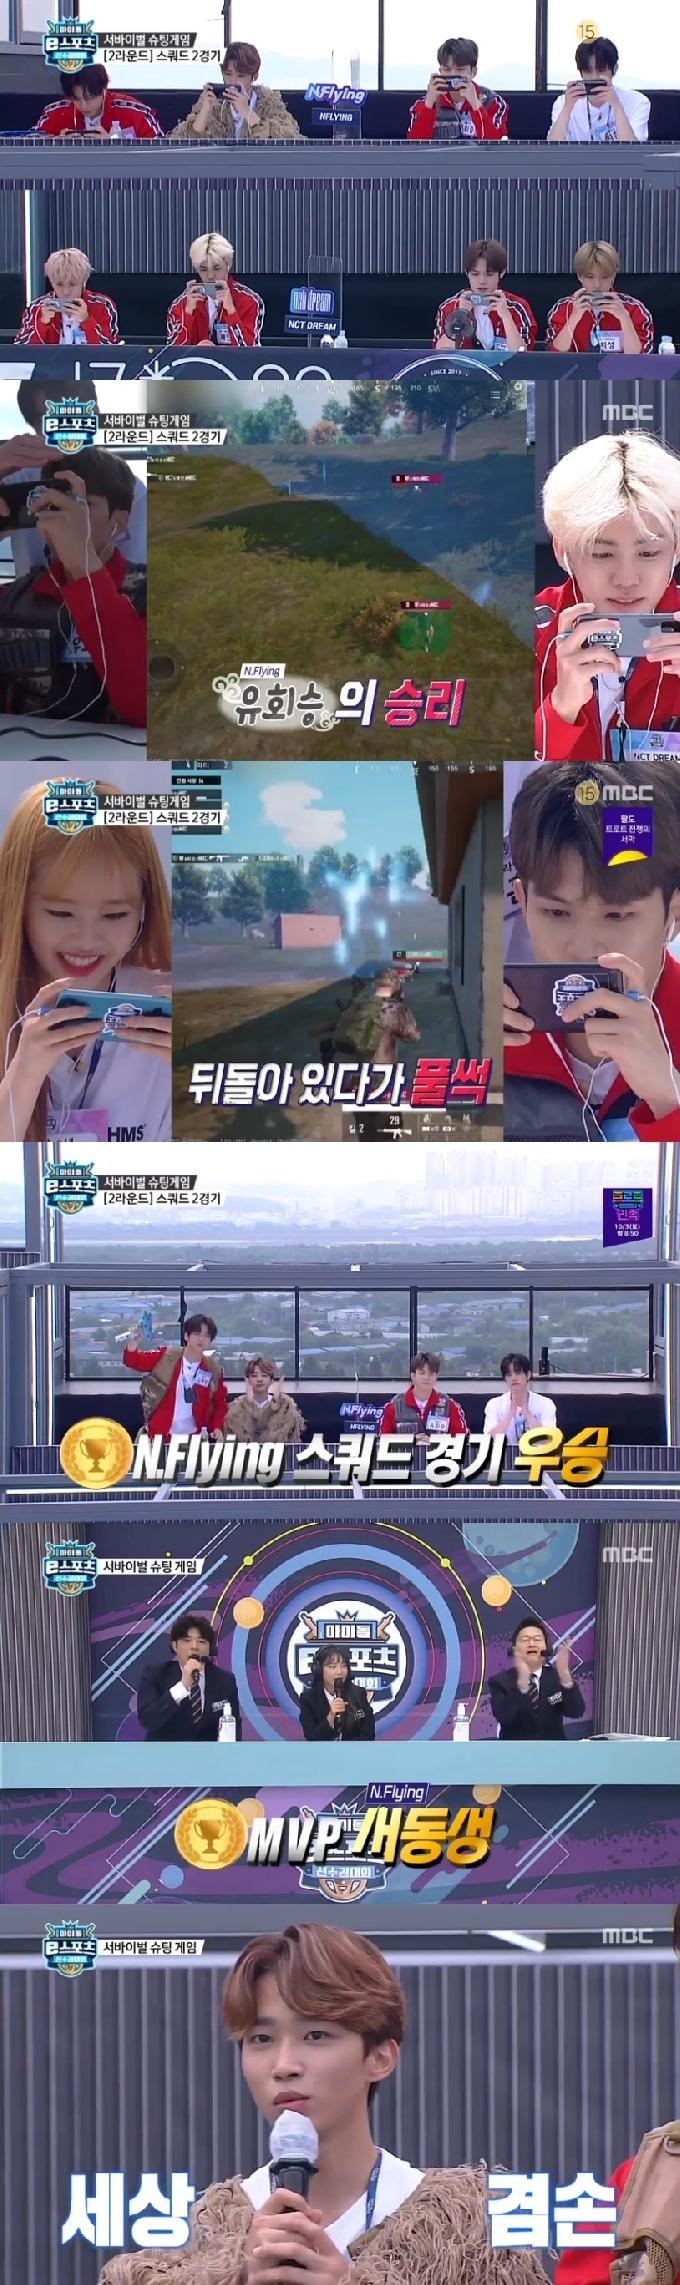 """'아이대' 엔플라잉, 스쿼드 경기 우승…MVP 서동성 """"유일한 취미"""" 미소"""